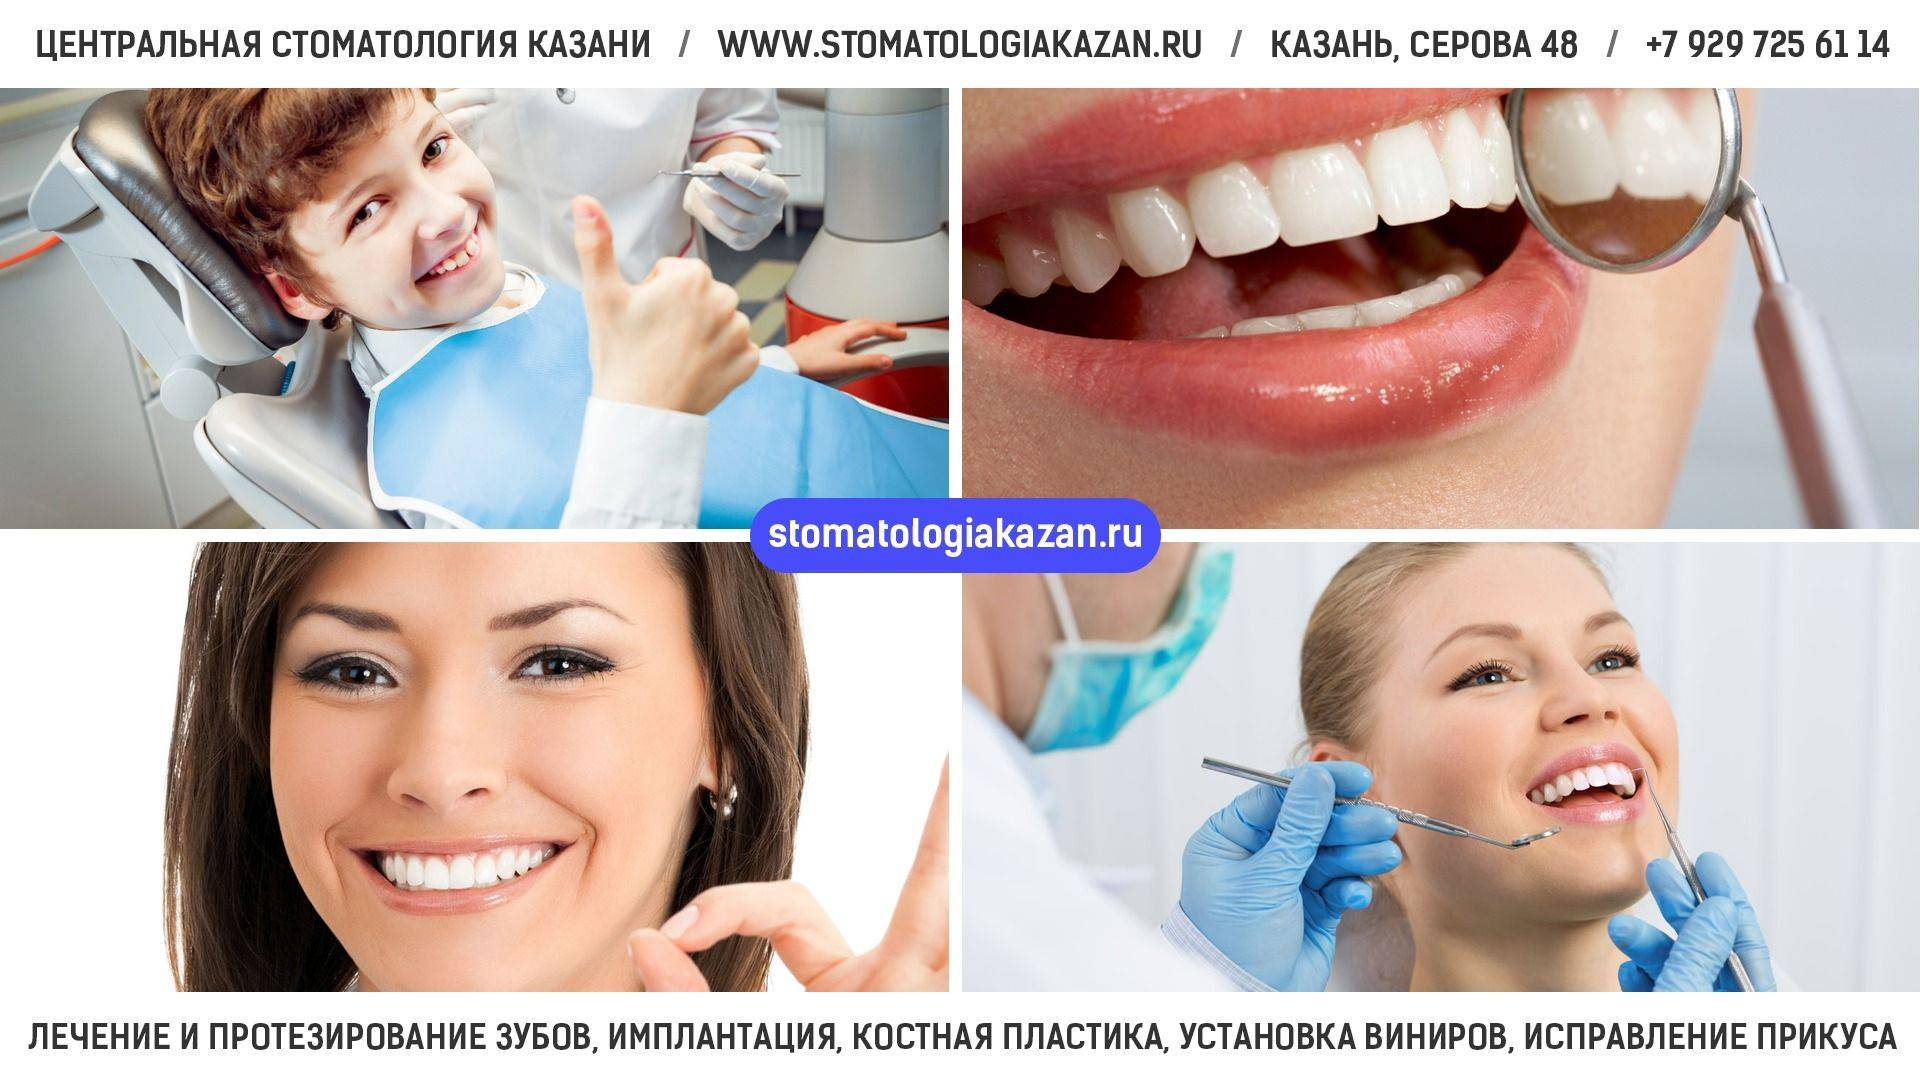 Лунный календарь для лечения, протезирования и удаления зубов на 2021 год: благоприятные и неблагоприятные лунные дни для лечения, удаления, чистки от камней, отбеливания, имплантации и протезирования зубов в 2021 году по месяцам: таблица